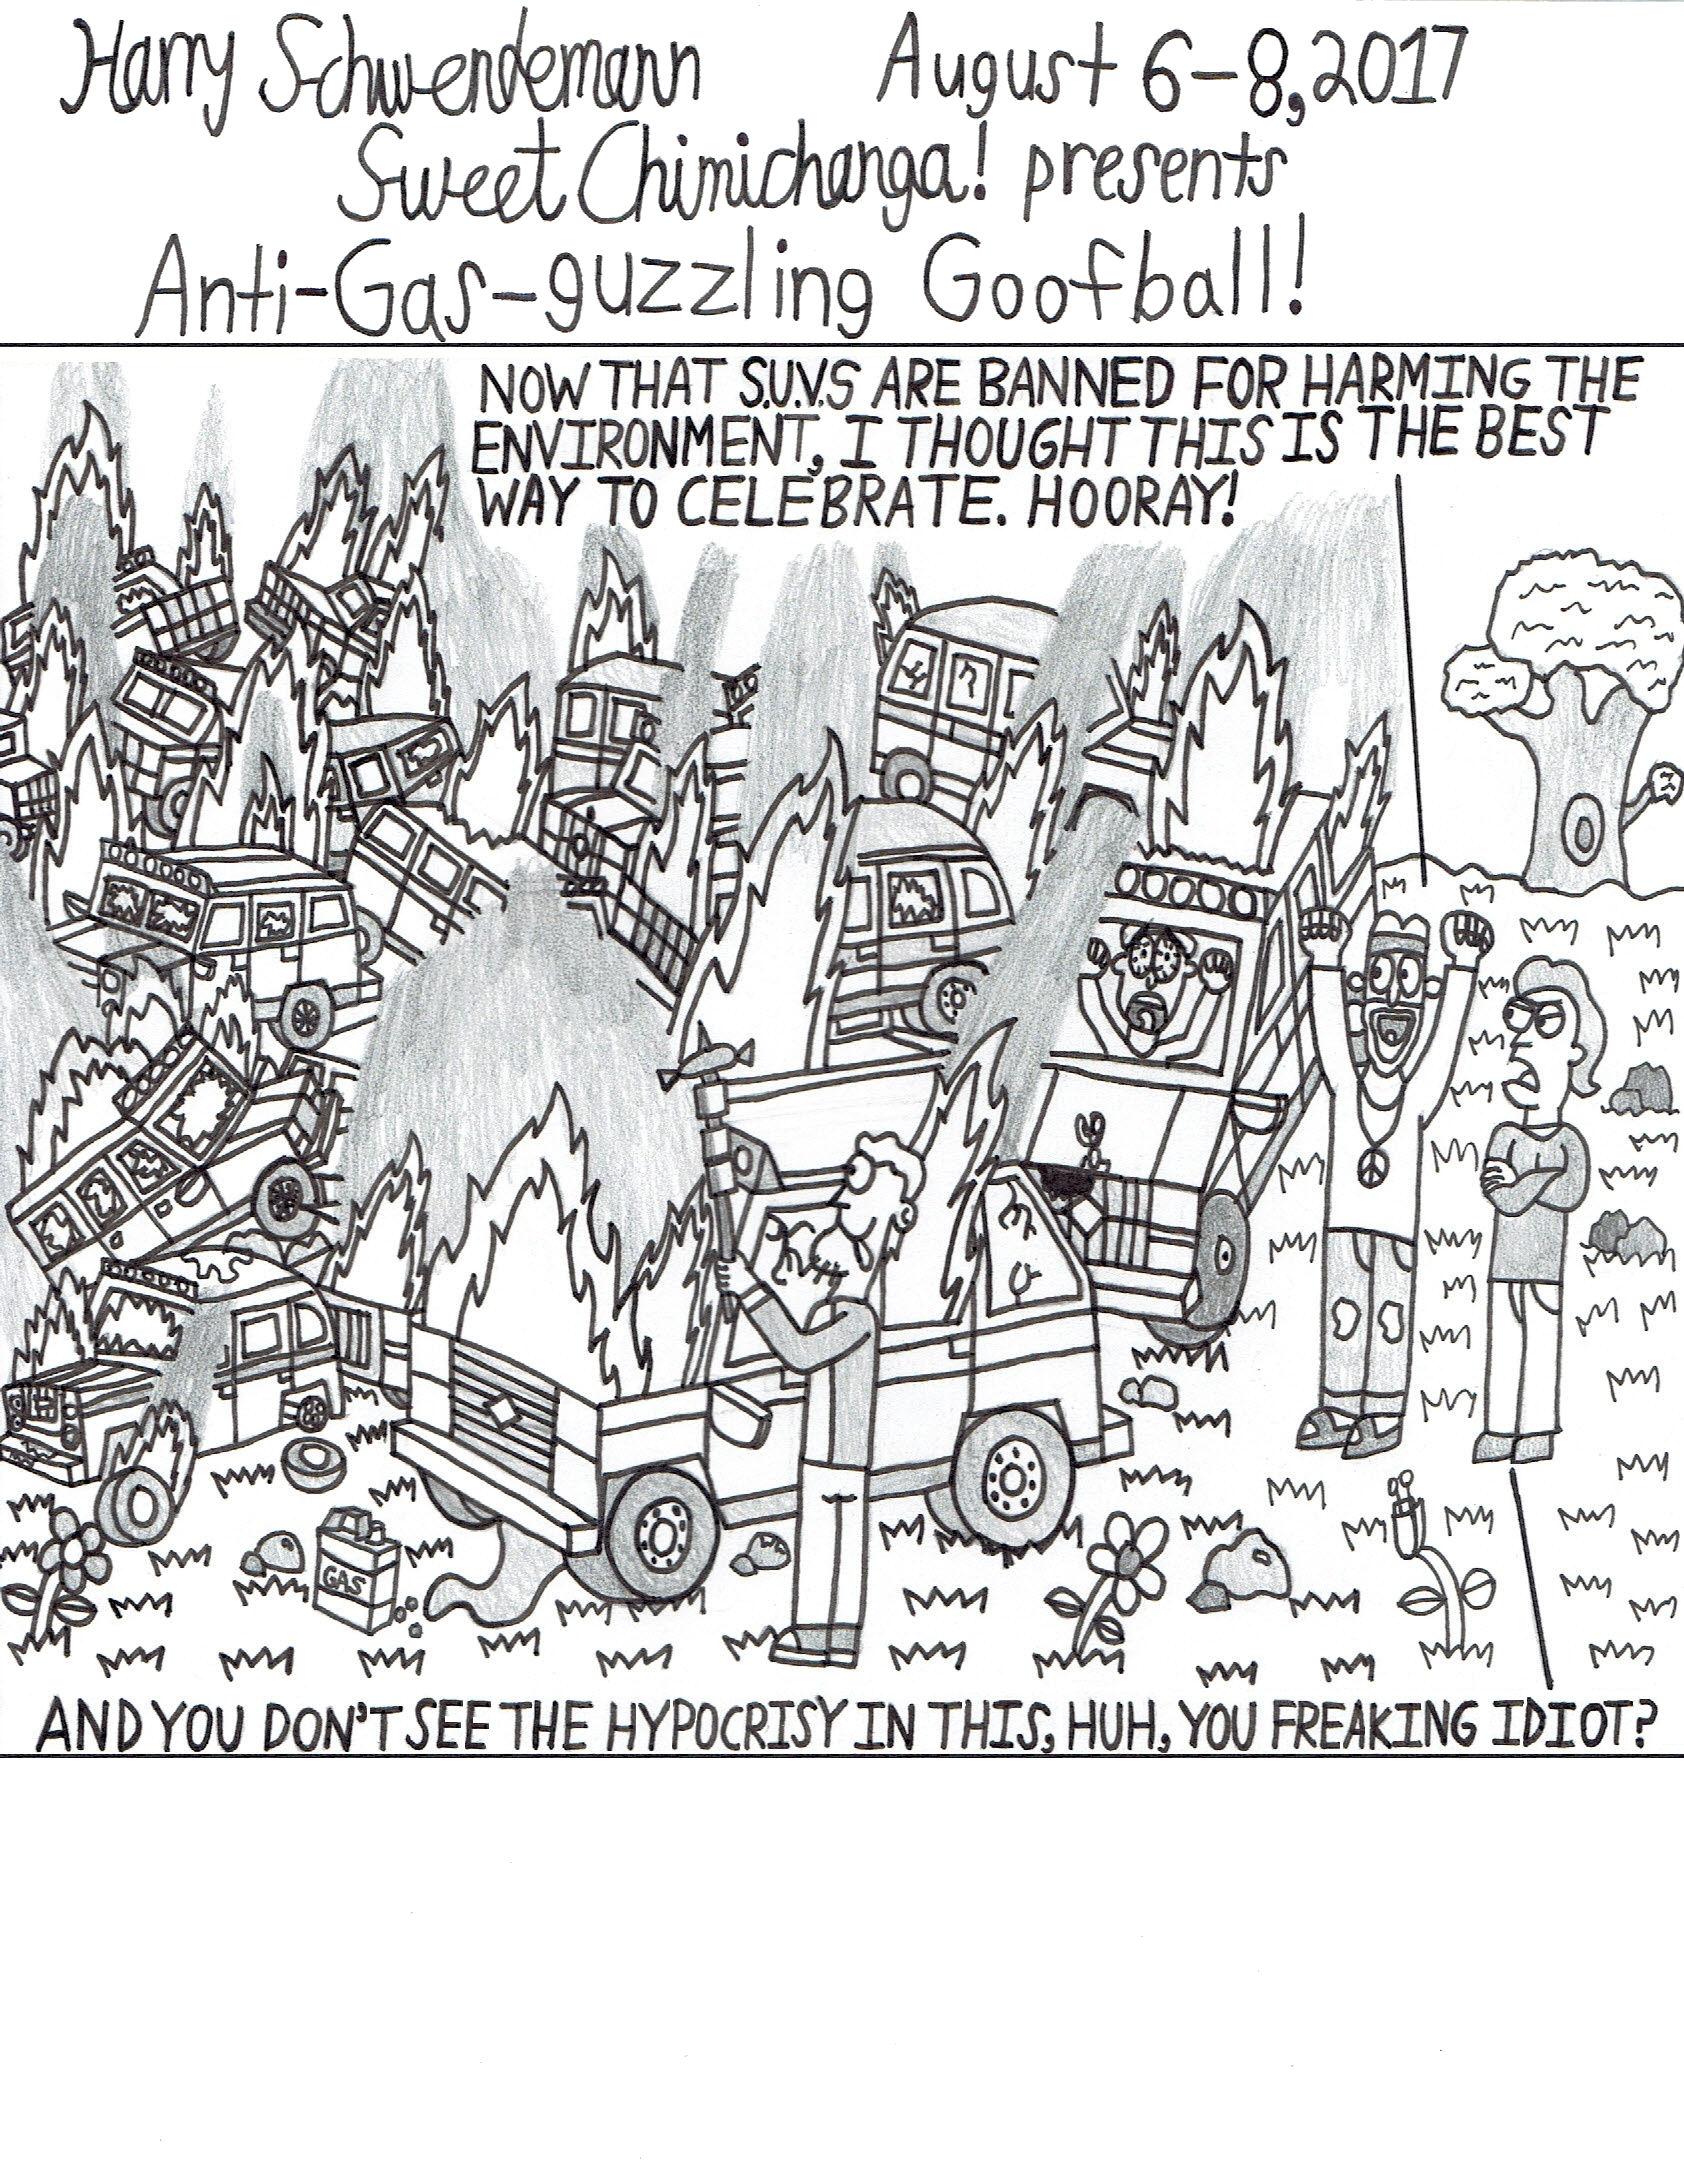 Anti-Gas-guzzling Goofball!